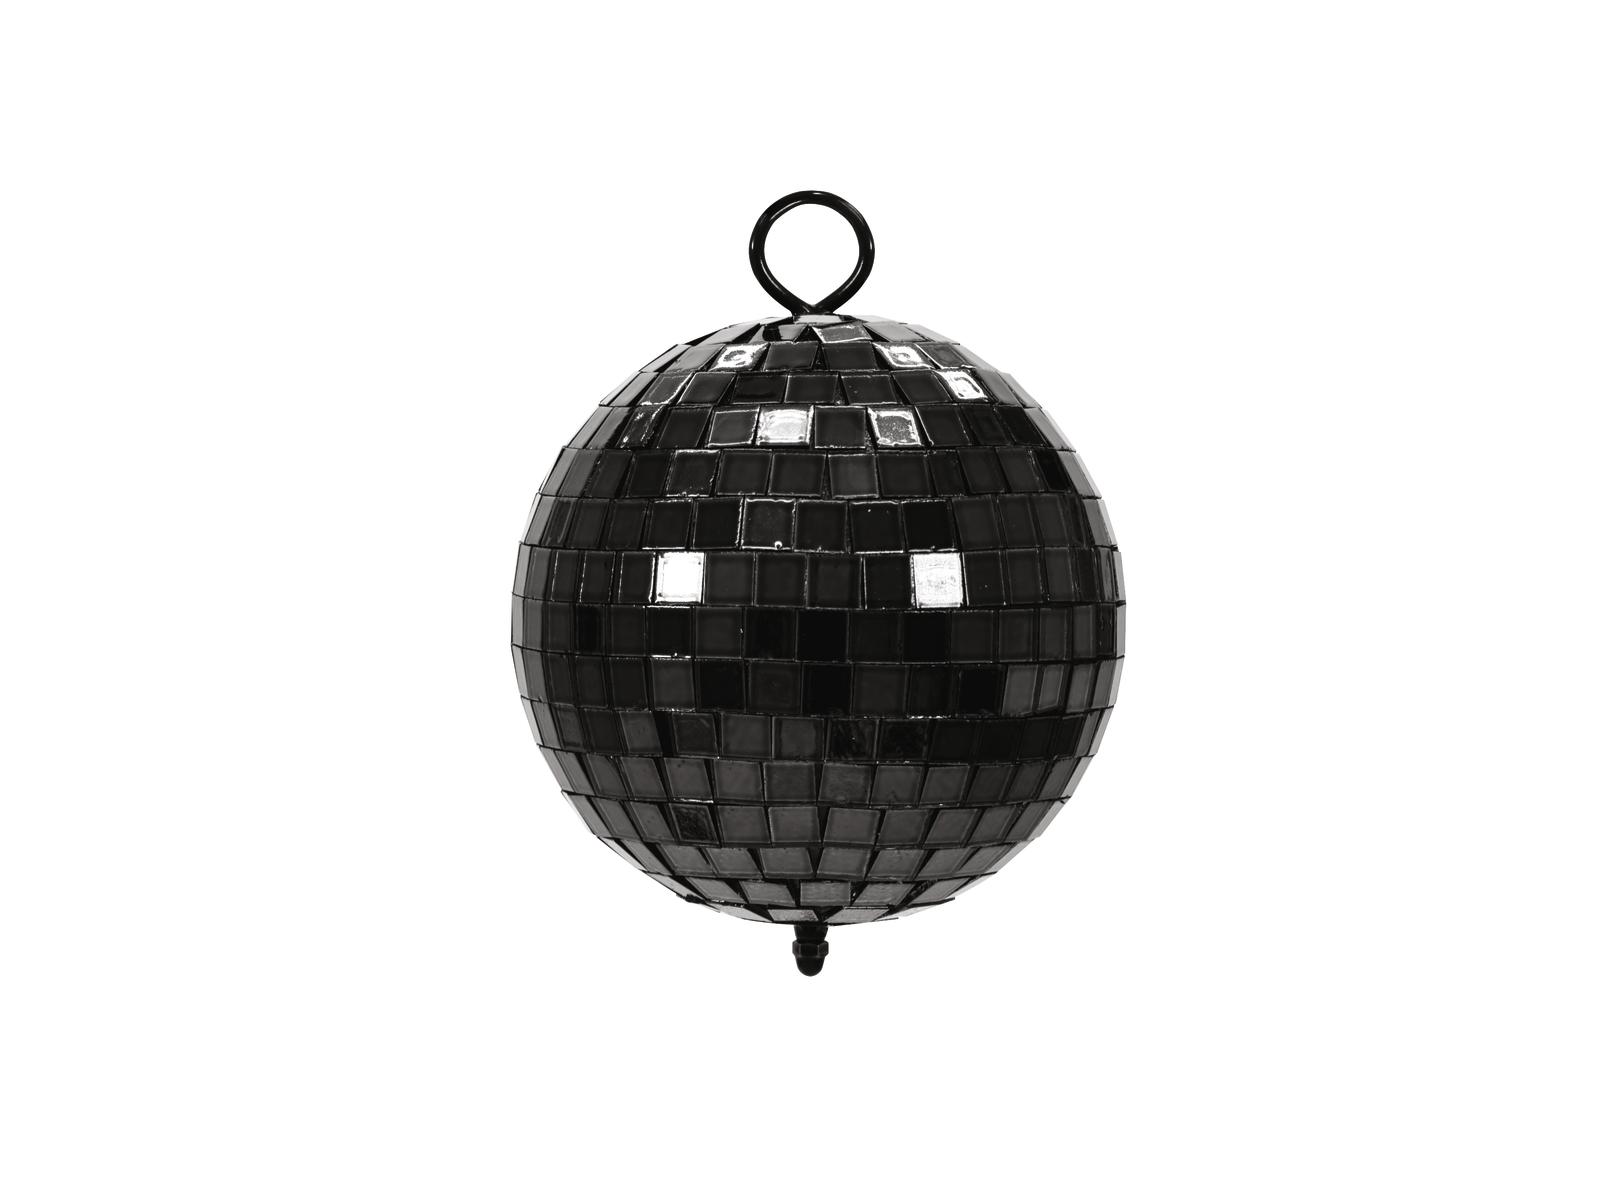 Zrcadlová koule 10 cm, černá